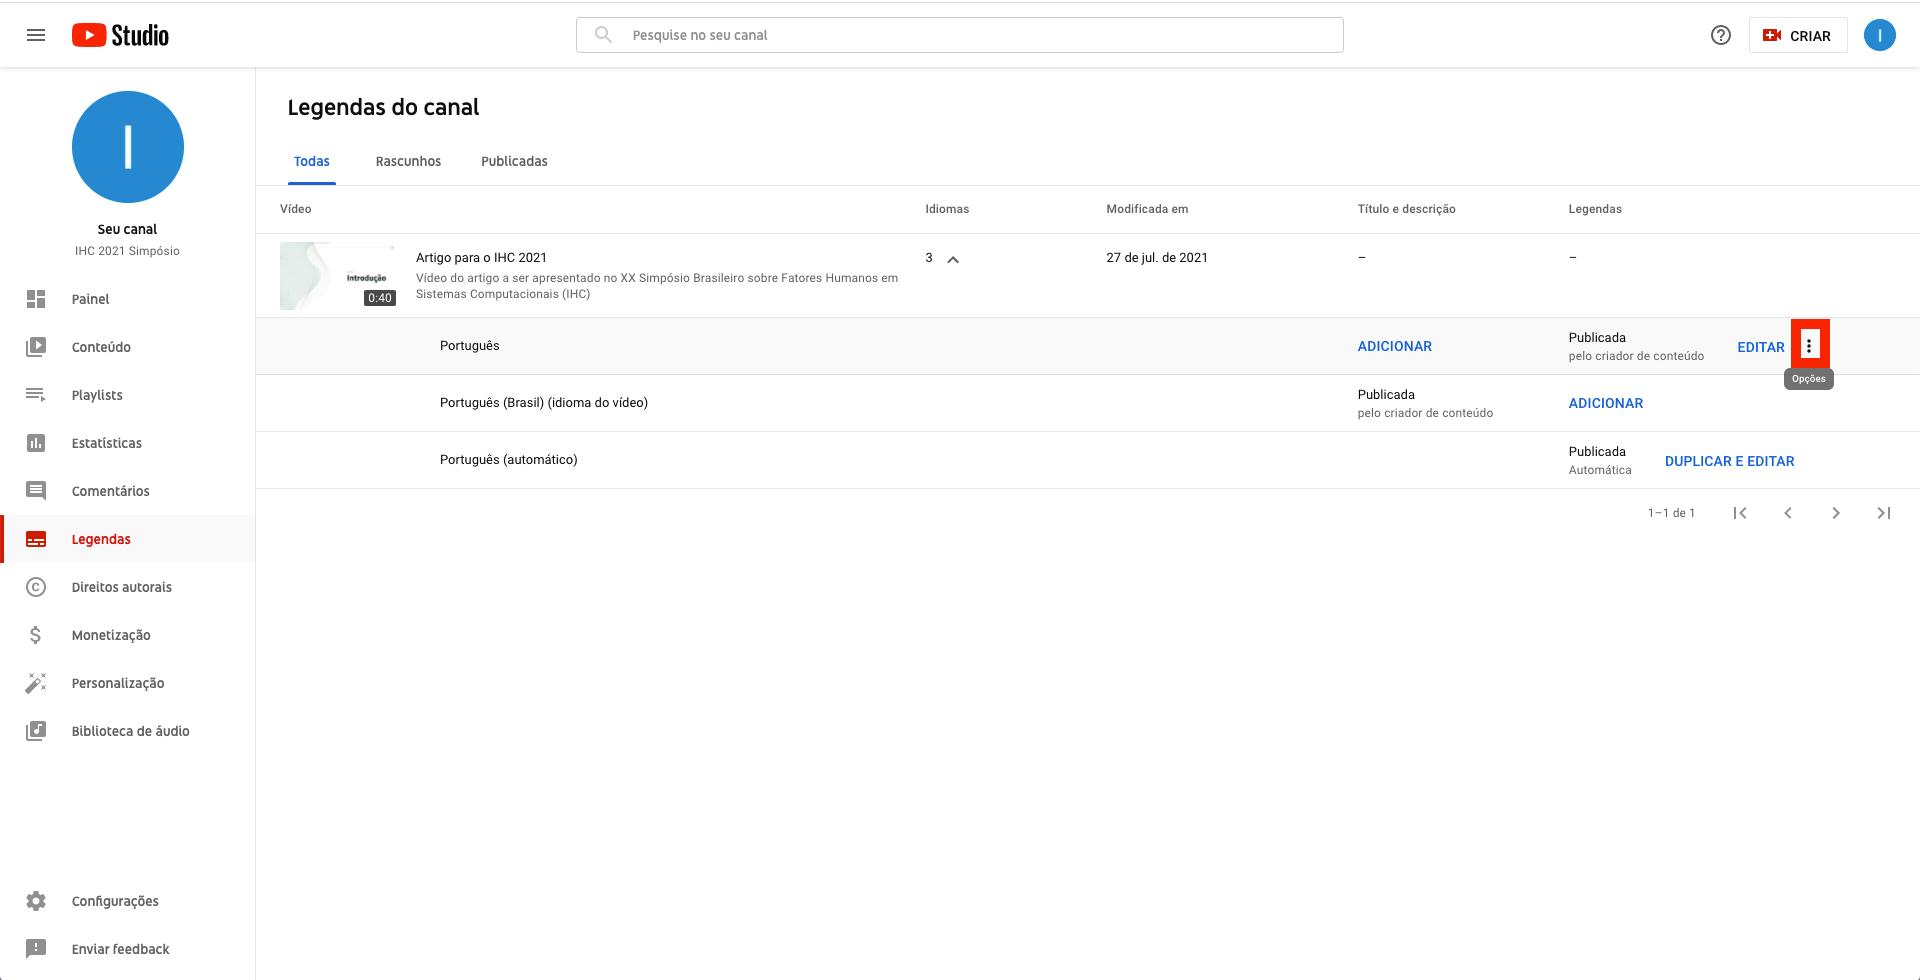 Captura de tela do YouTube Studio. Página de legendas do canal, com legendas do vídeo expandida e destaque para o ícone de opções - representado por três pontinhos, um abaixo do outro. O destaque é feito com um borda quadrada e vermelha